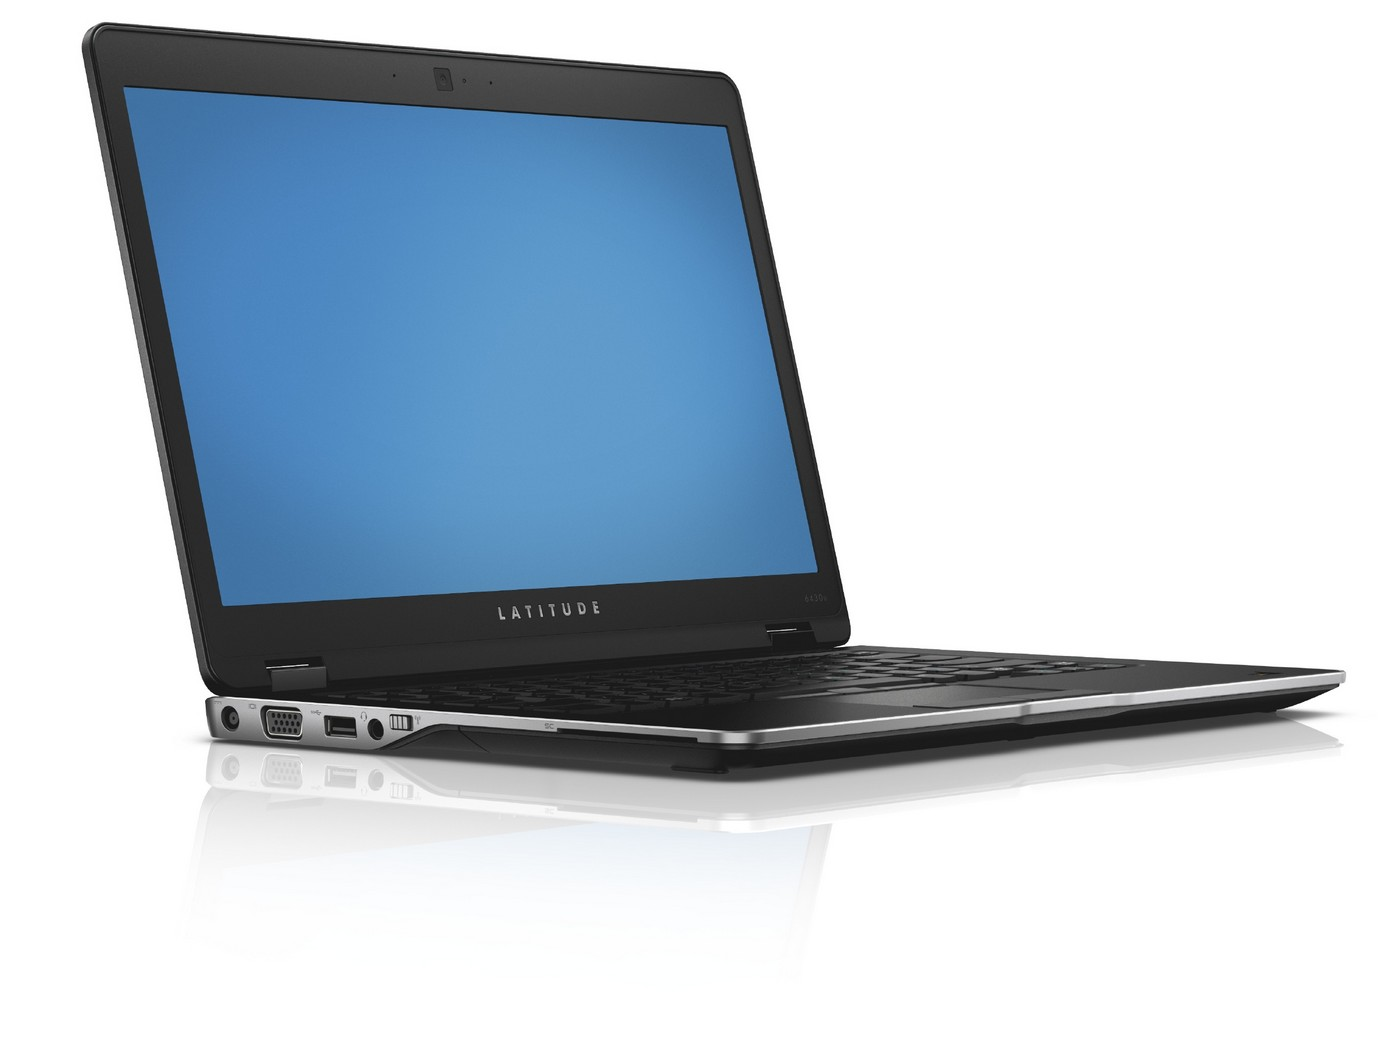 Laptop cũ Dell rẻ: E5420,E5430,E6410,E6420,E6430,vostro 3360 đã có tại số 16  ngõ 35 Lê Đức Thọ - HN - 130798